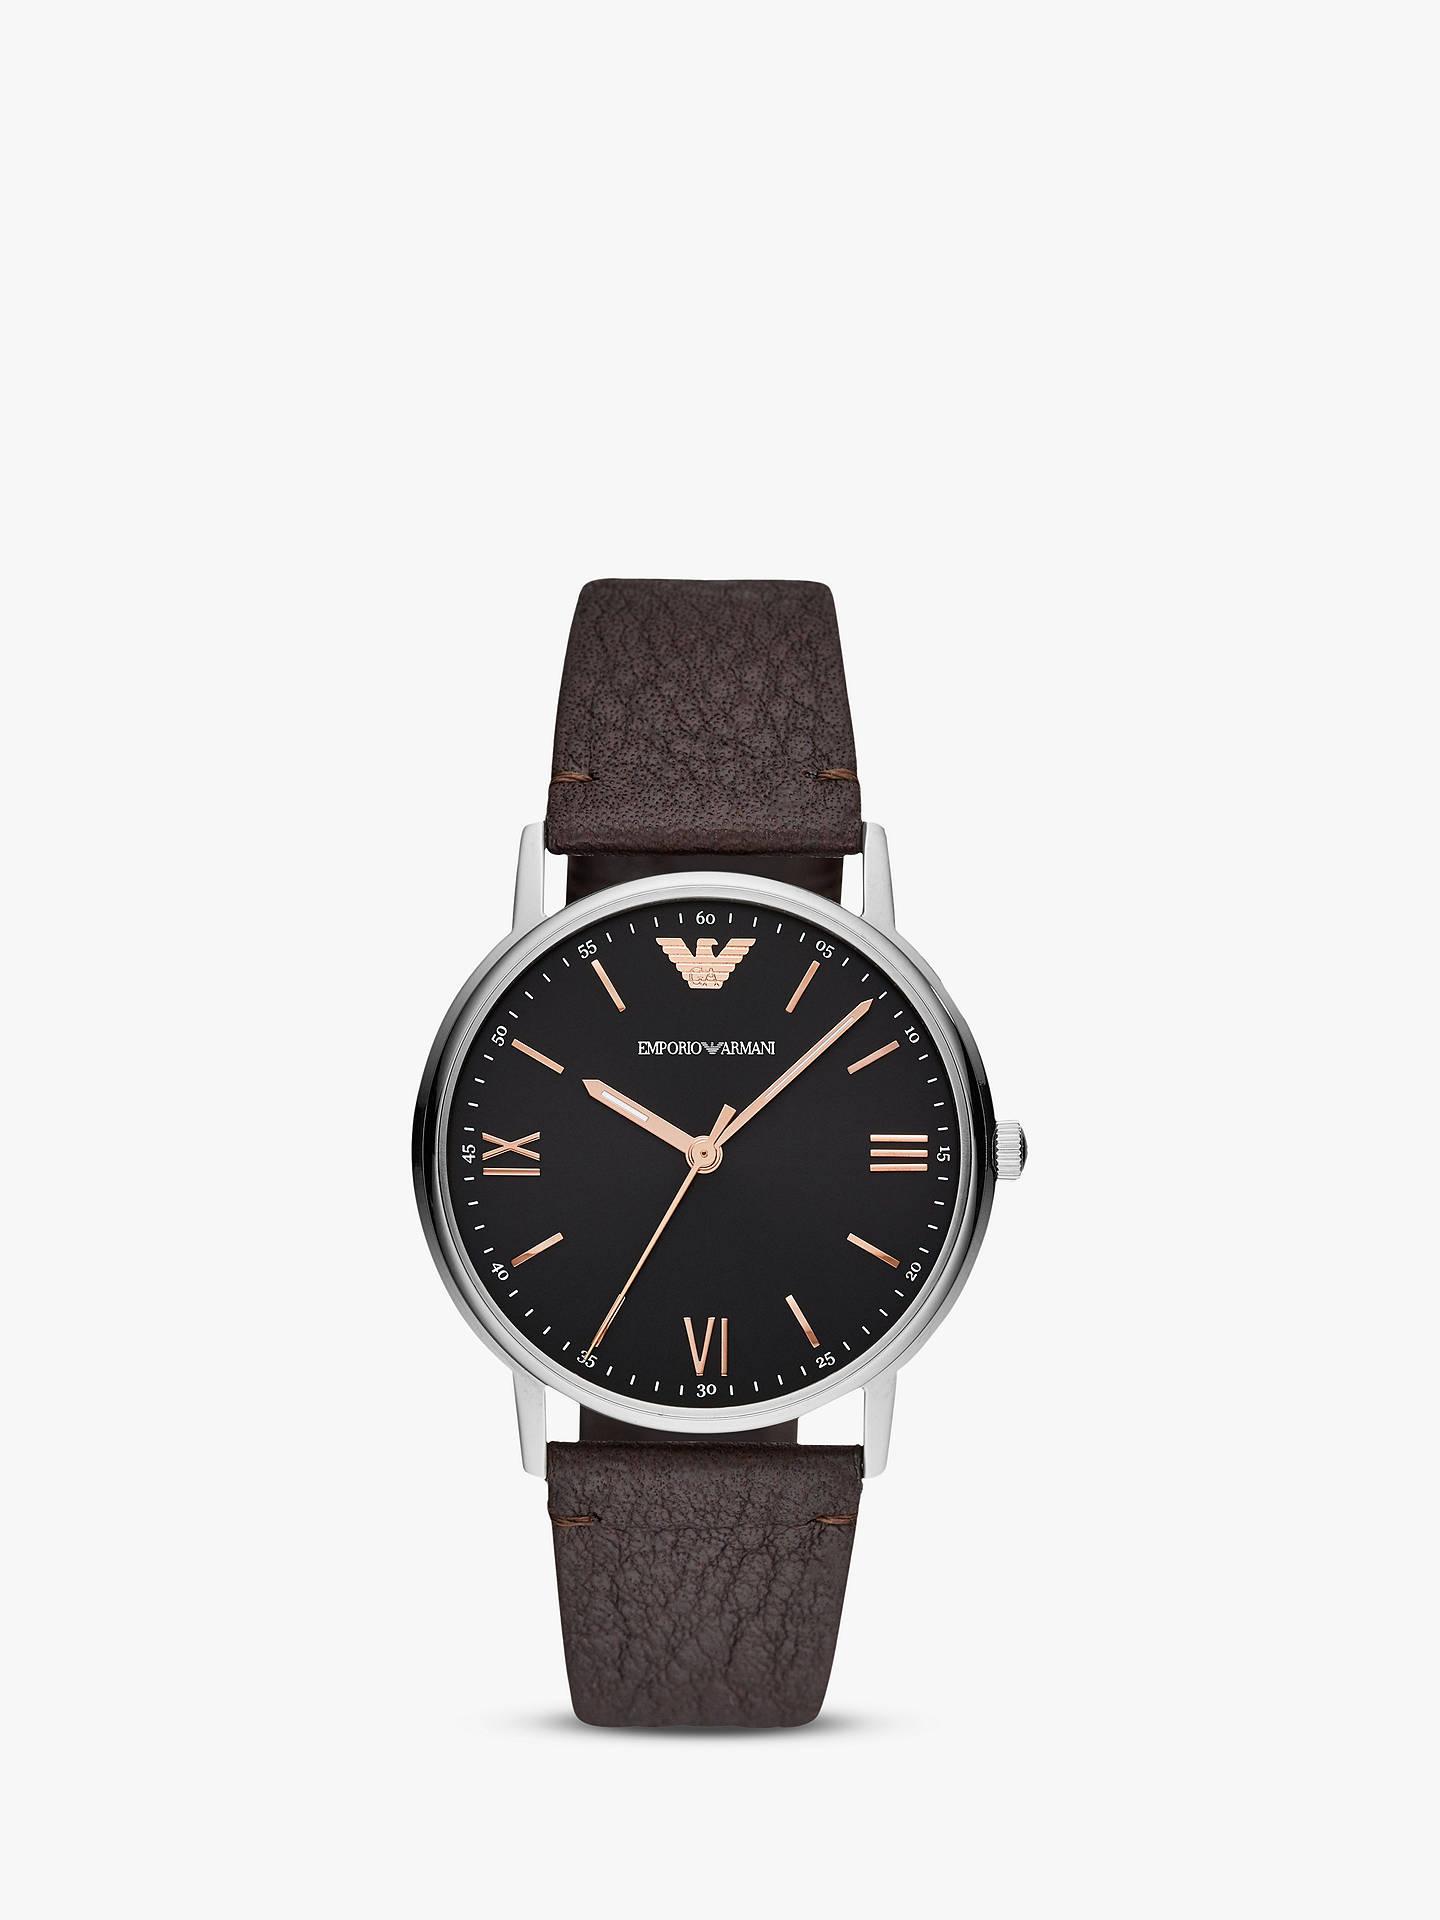 84d2f0206e89 Buy Emporio Armani AR11153 Men s Leather Strap Watch